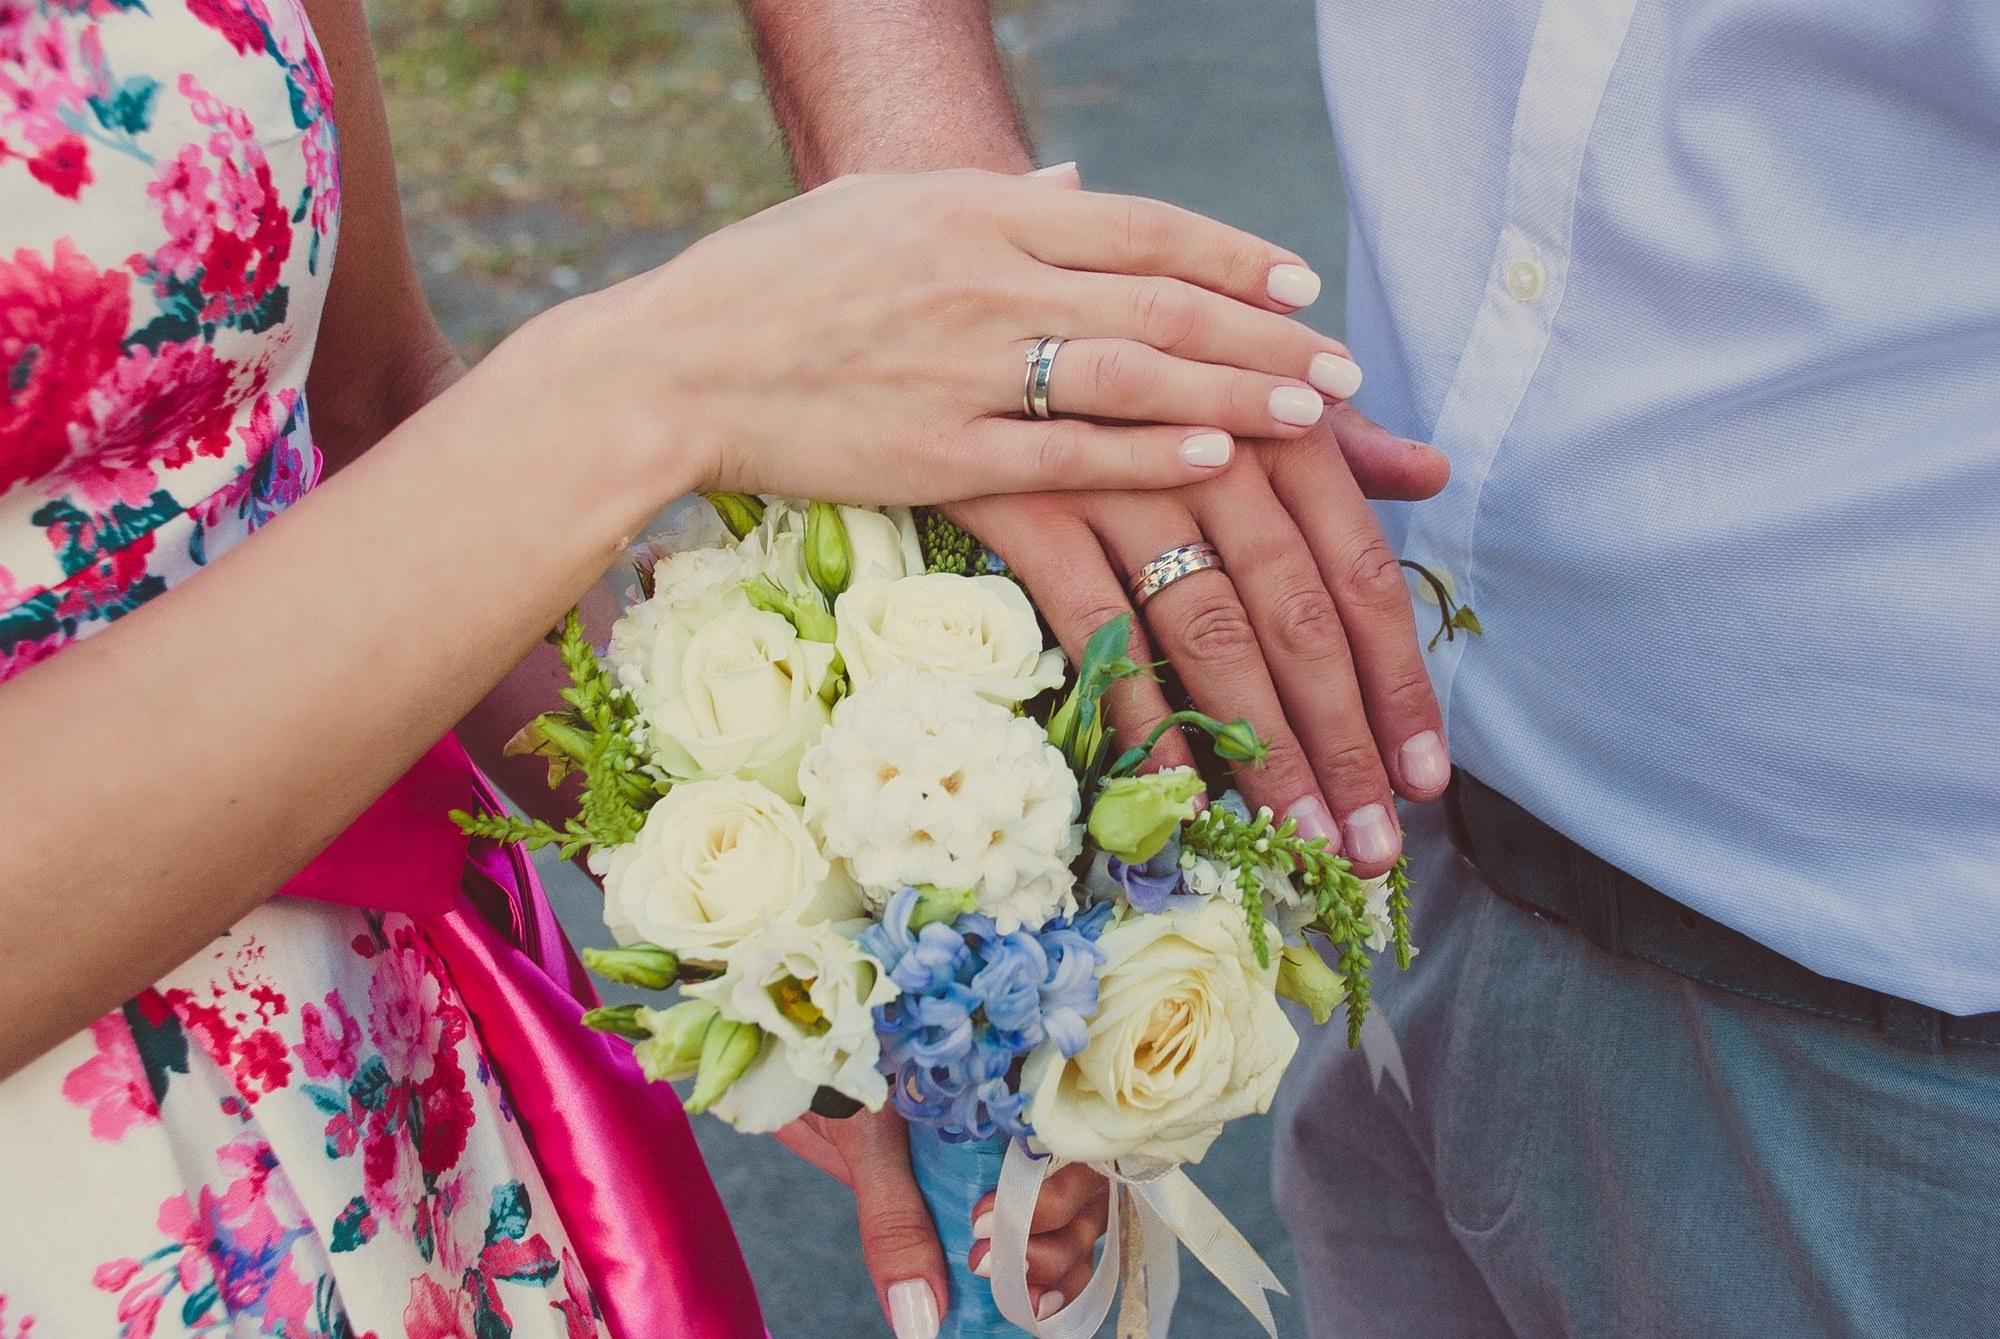 Кольца и букет молодой пары - Фотограф Киев - Женя Лайт